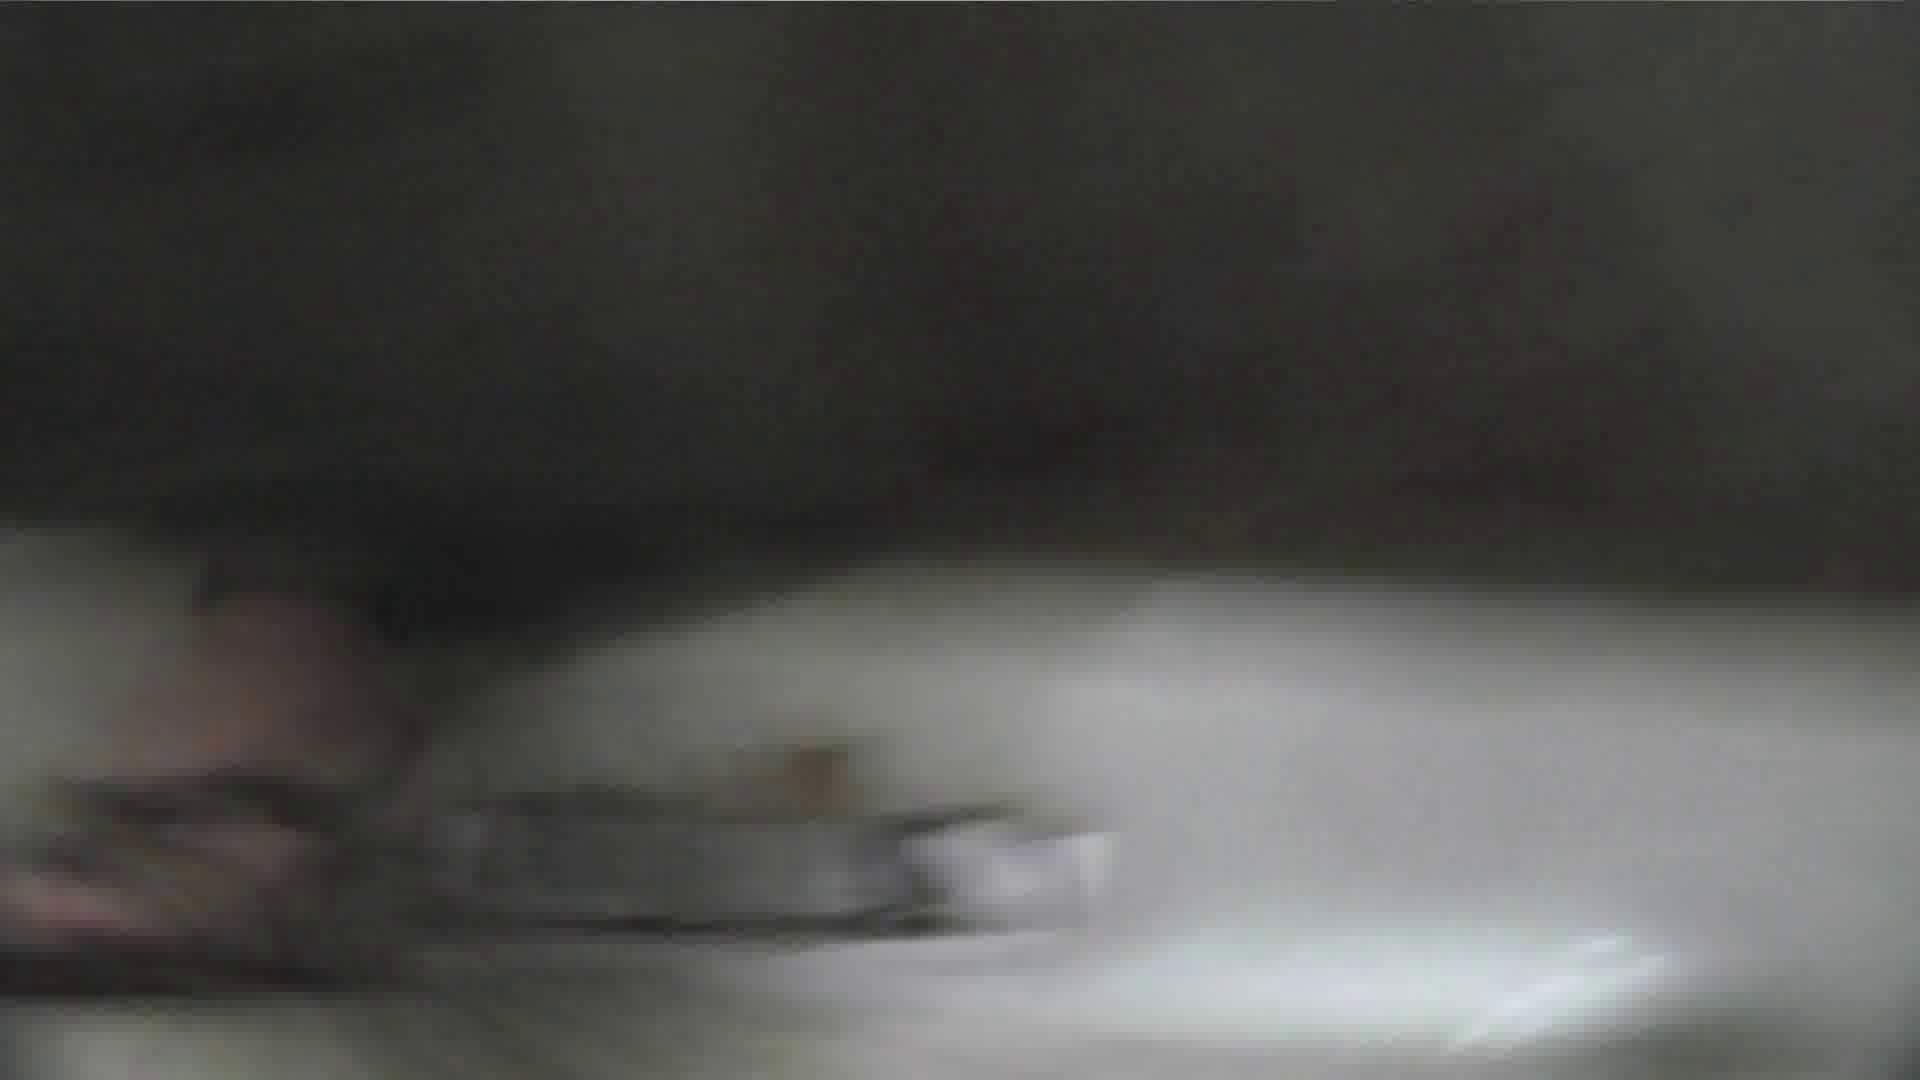 【美しき個室な世界】 vol.022 ヒクヒクさんたち 洗面所  68pic 53